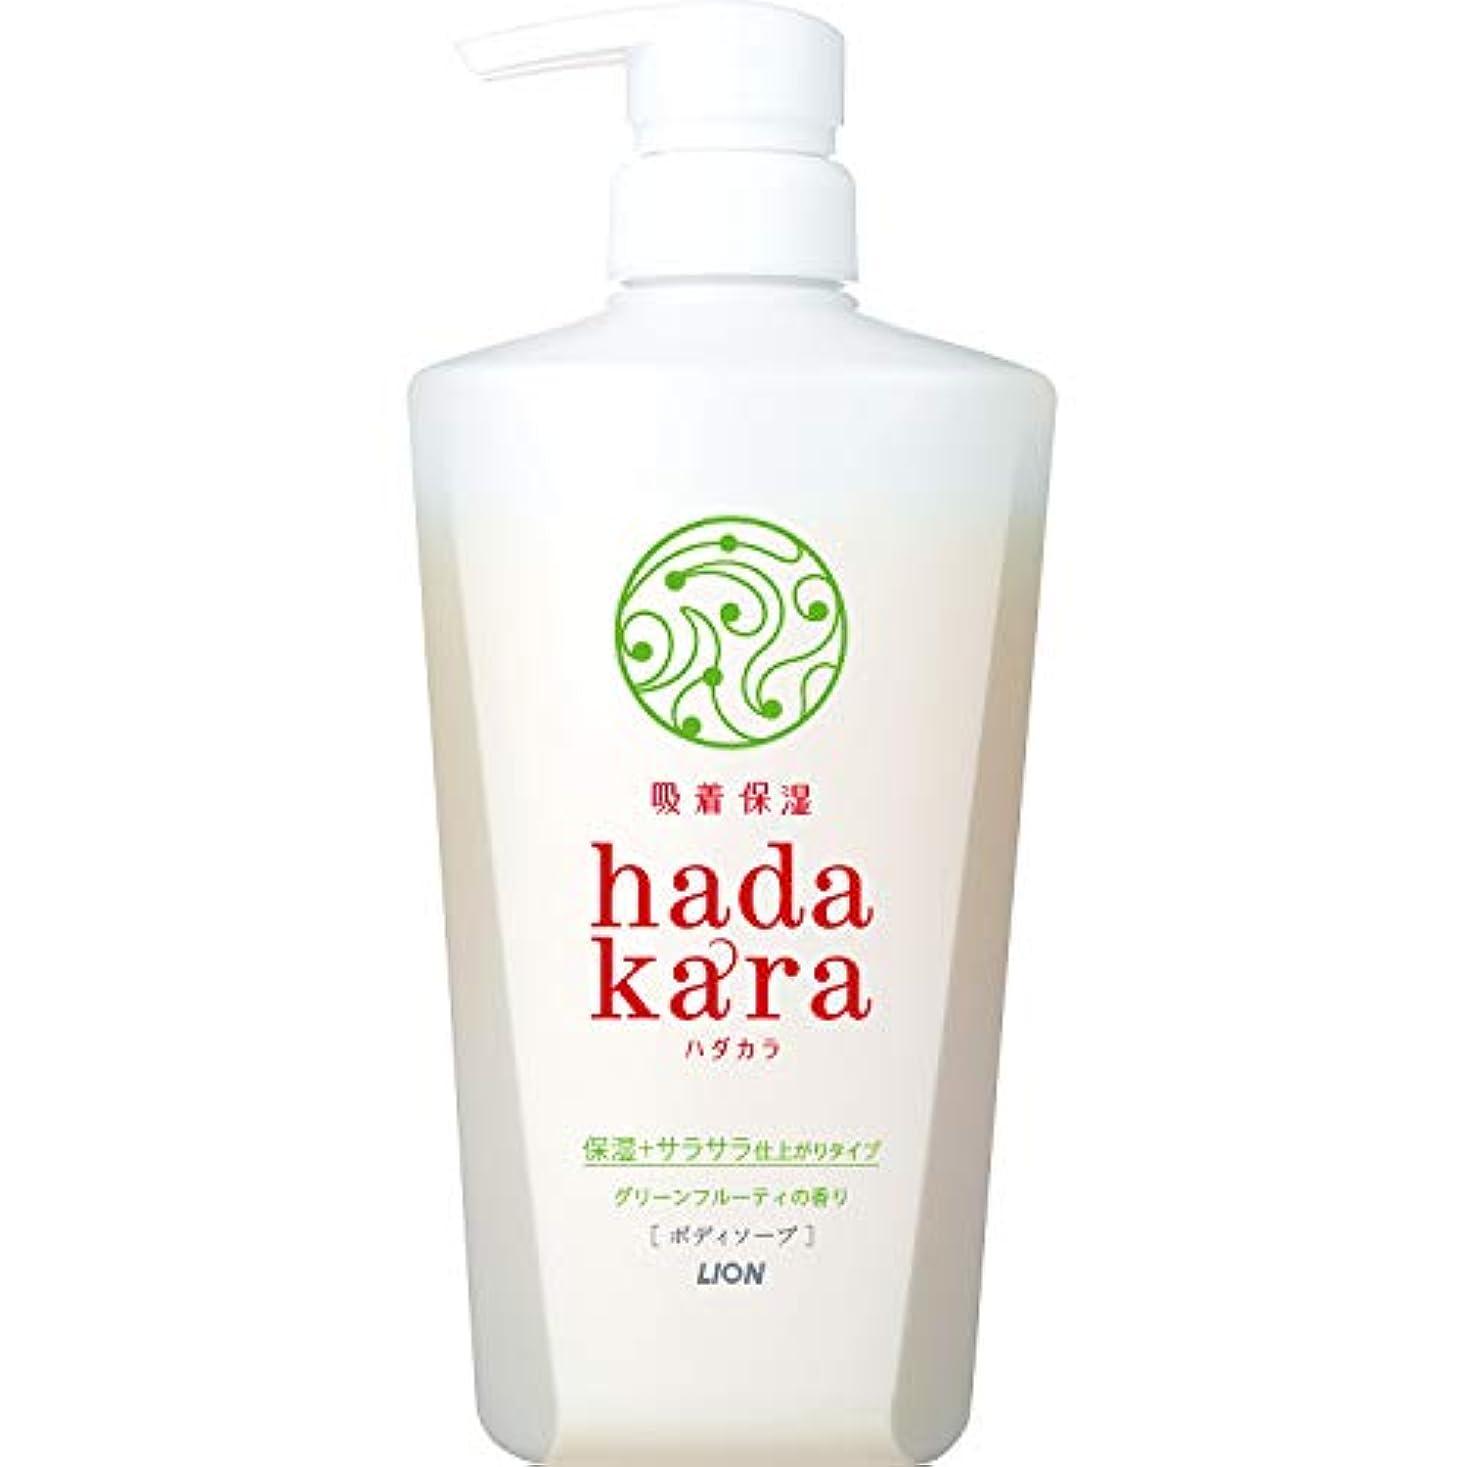 正確さパスポークhadakara(ハダカラ) ボディソープ 保湿+サラサラ仕上がりタイプ グリーンフルーティの香り 本体 480ml